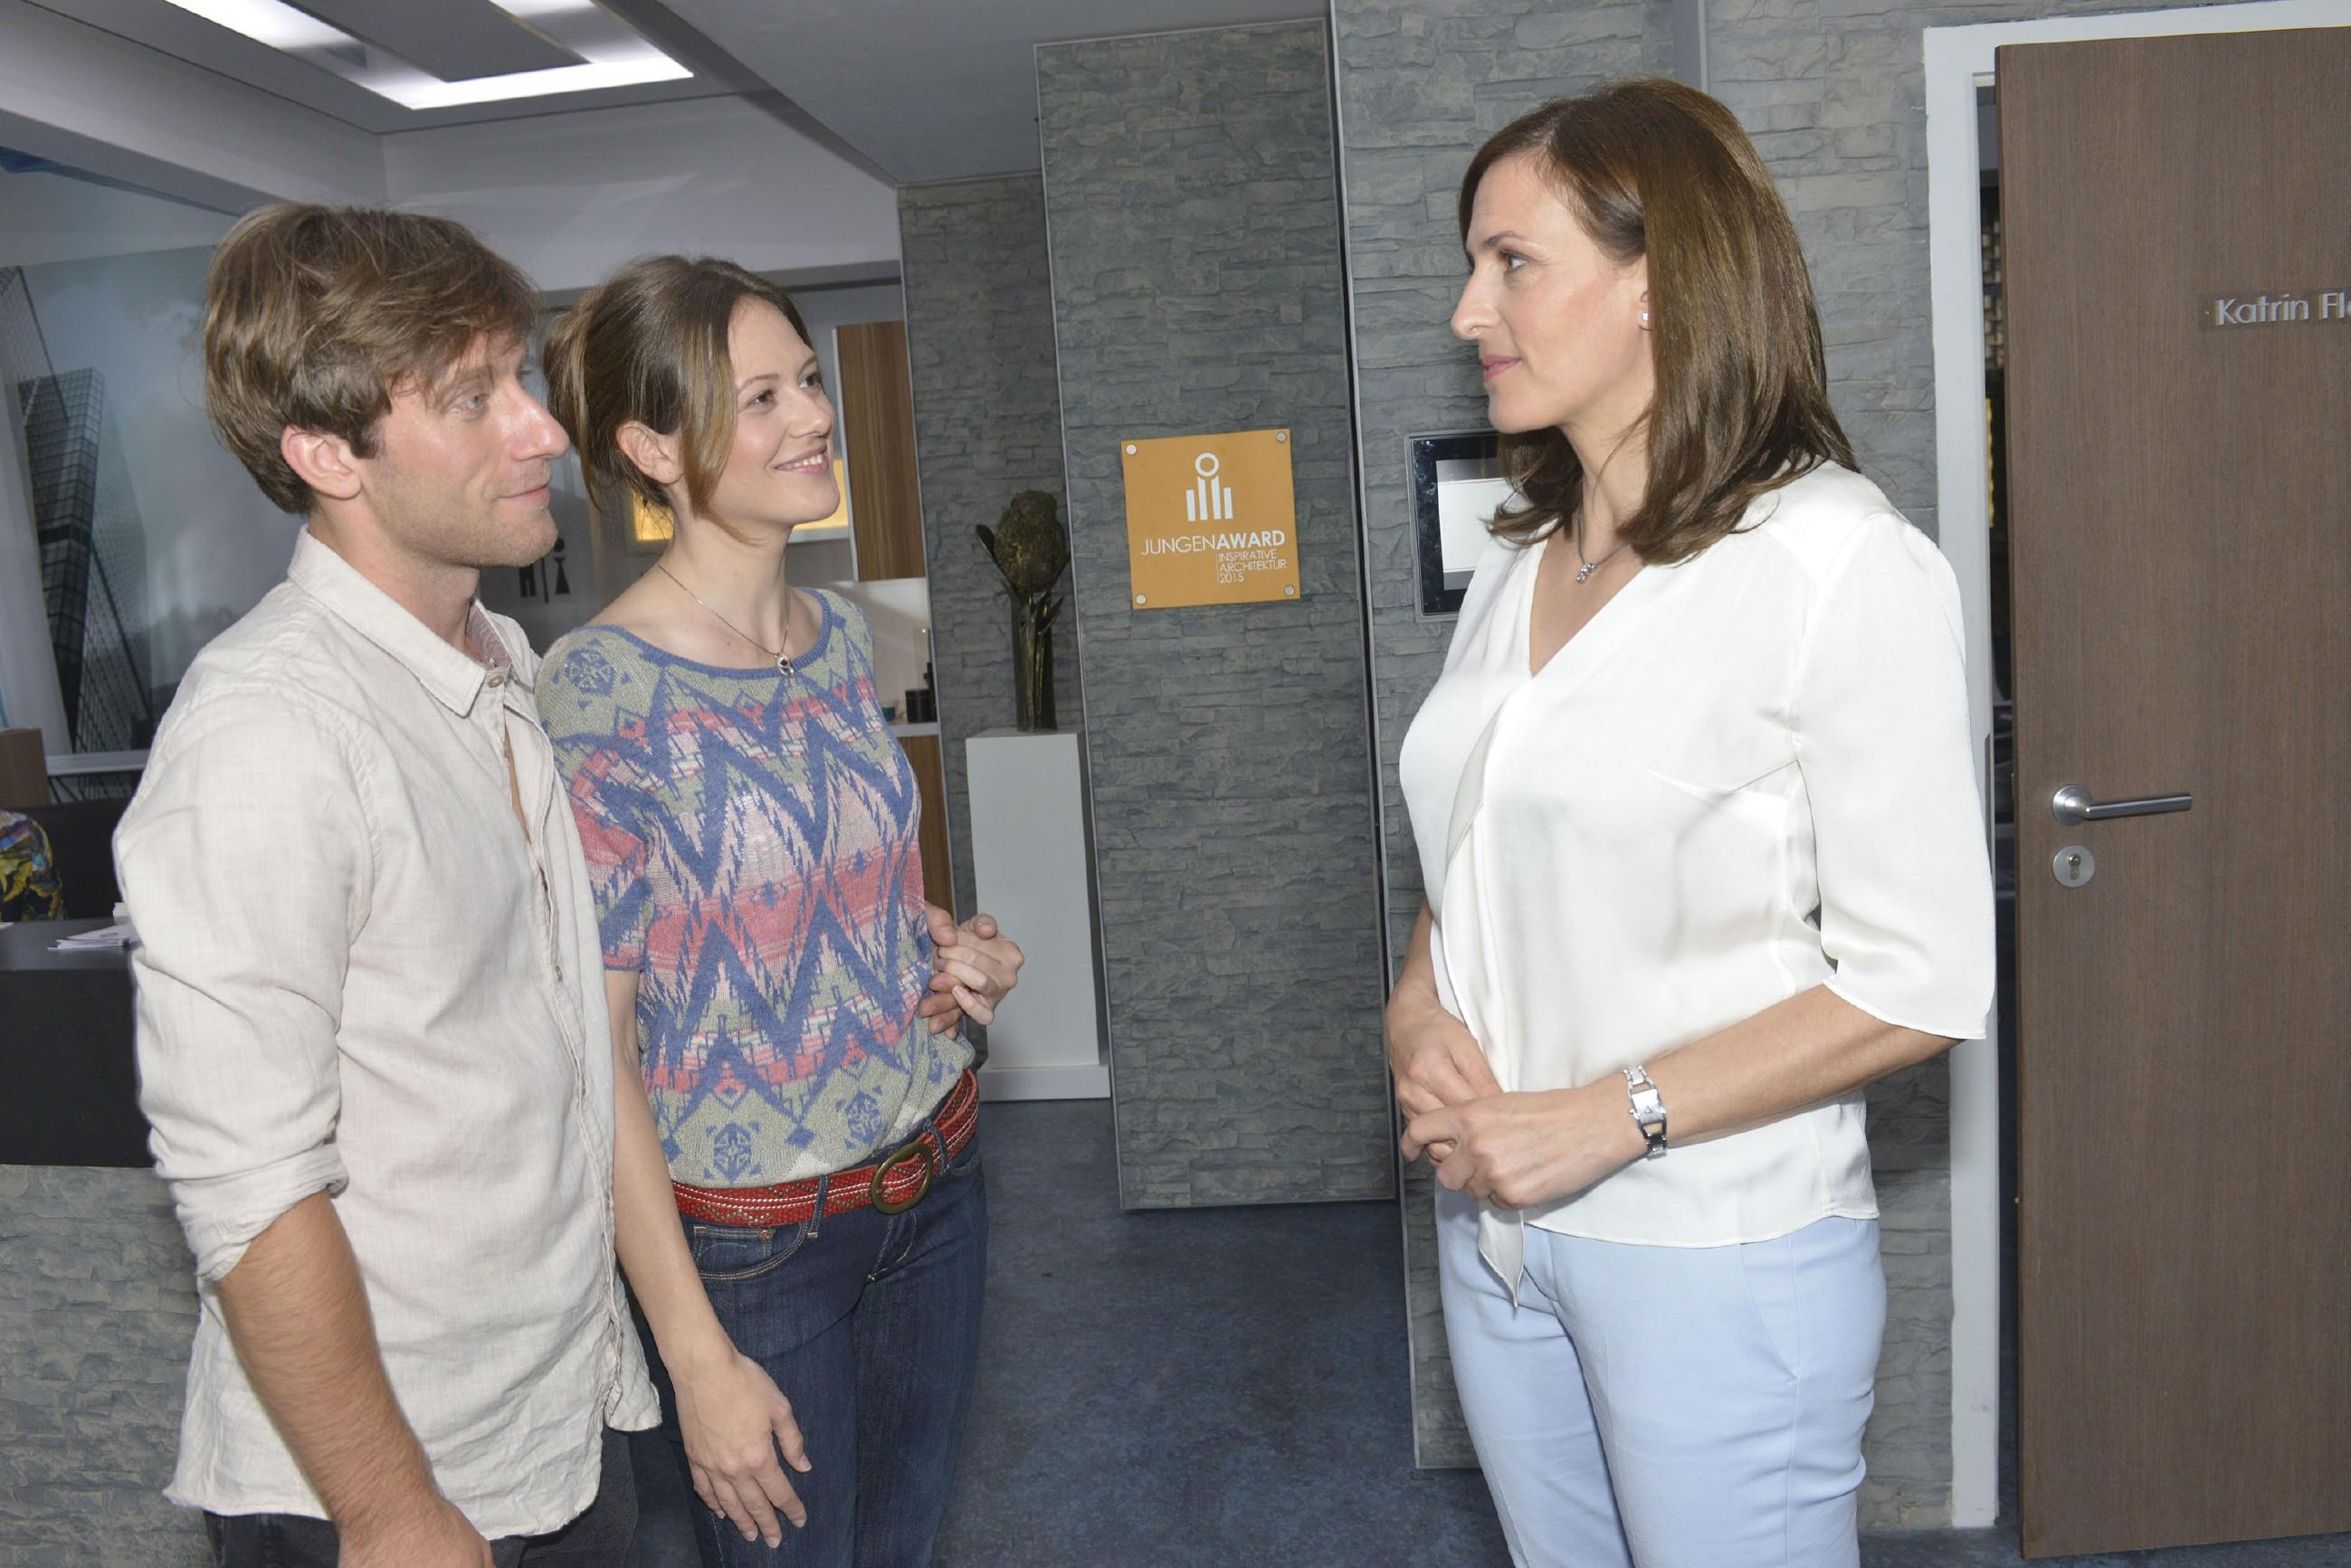 Katrin (Ulrike Frank, r.) versetzt es einen Stich, als Bommel (Merlin Leonhardt) ihr seine neue Freundin Sarah (Katja Sieder) vorstellt. (Quelle: RTL / Rolf Baumgartner)